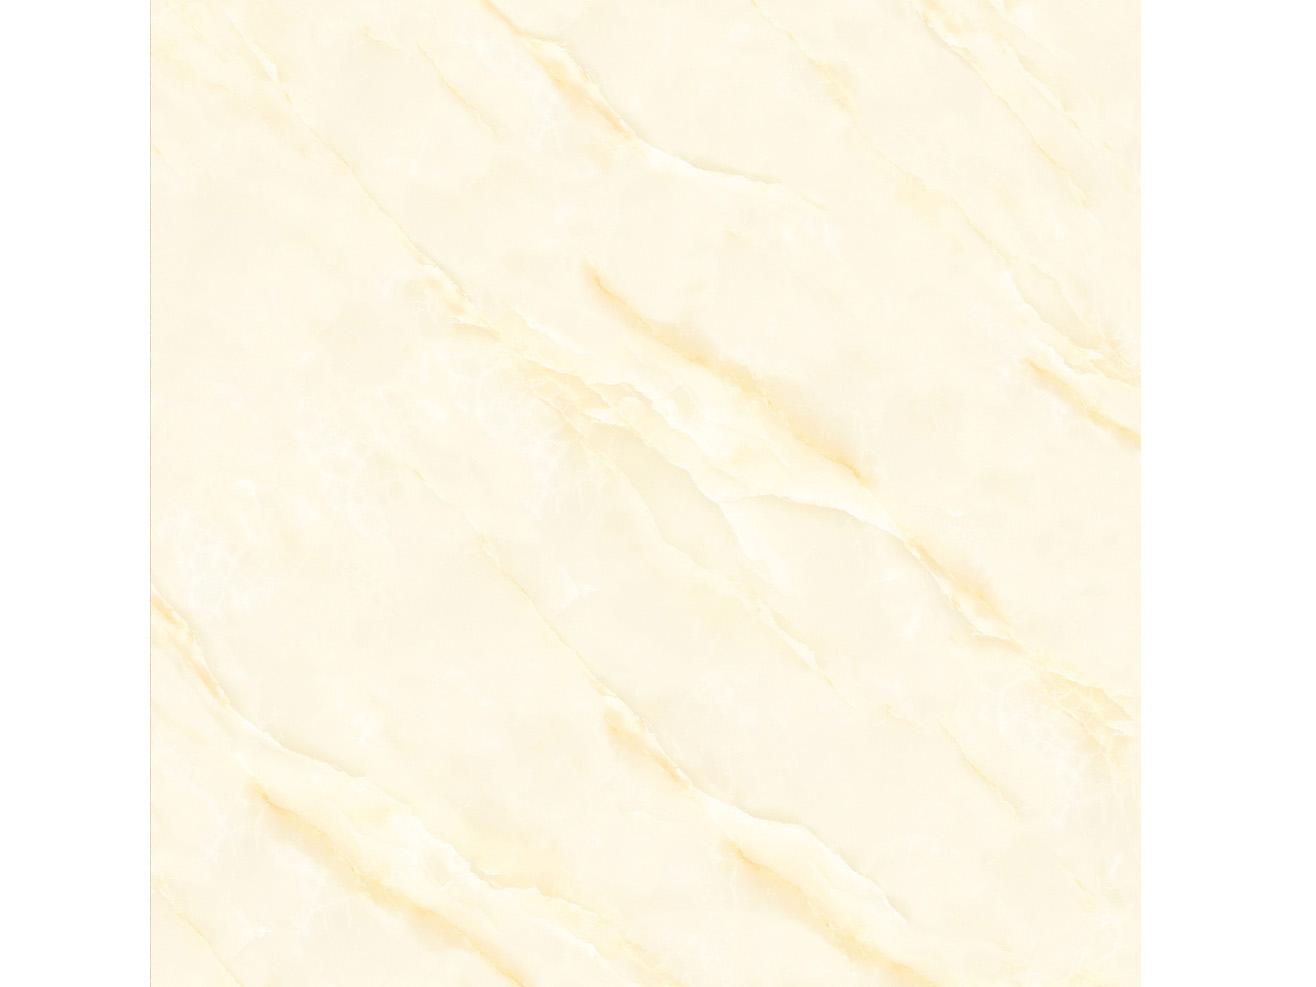 佛山哪有供应高质量的超晶玉-广东瓷砖哪家好